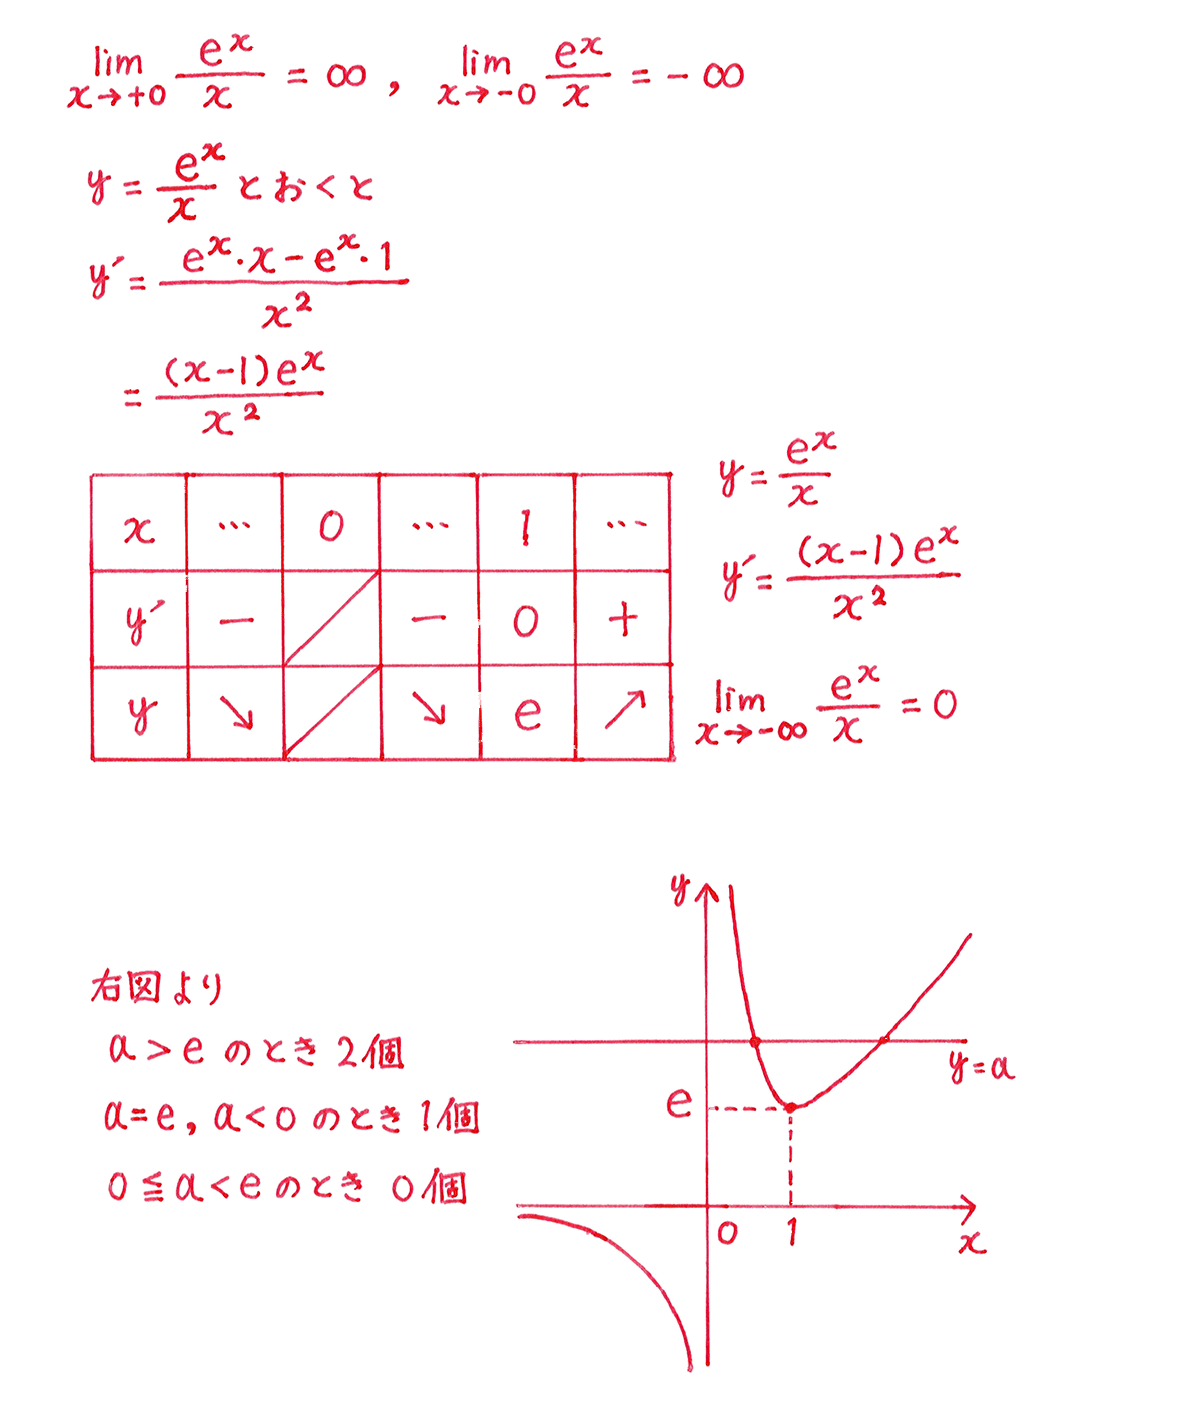 微分法の応用27 答え